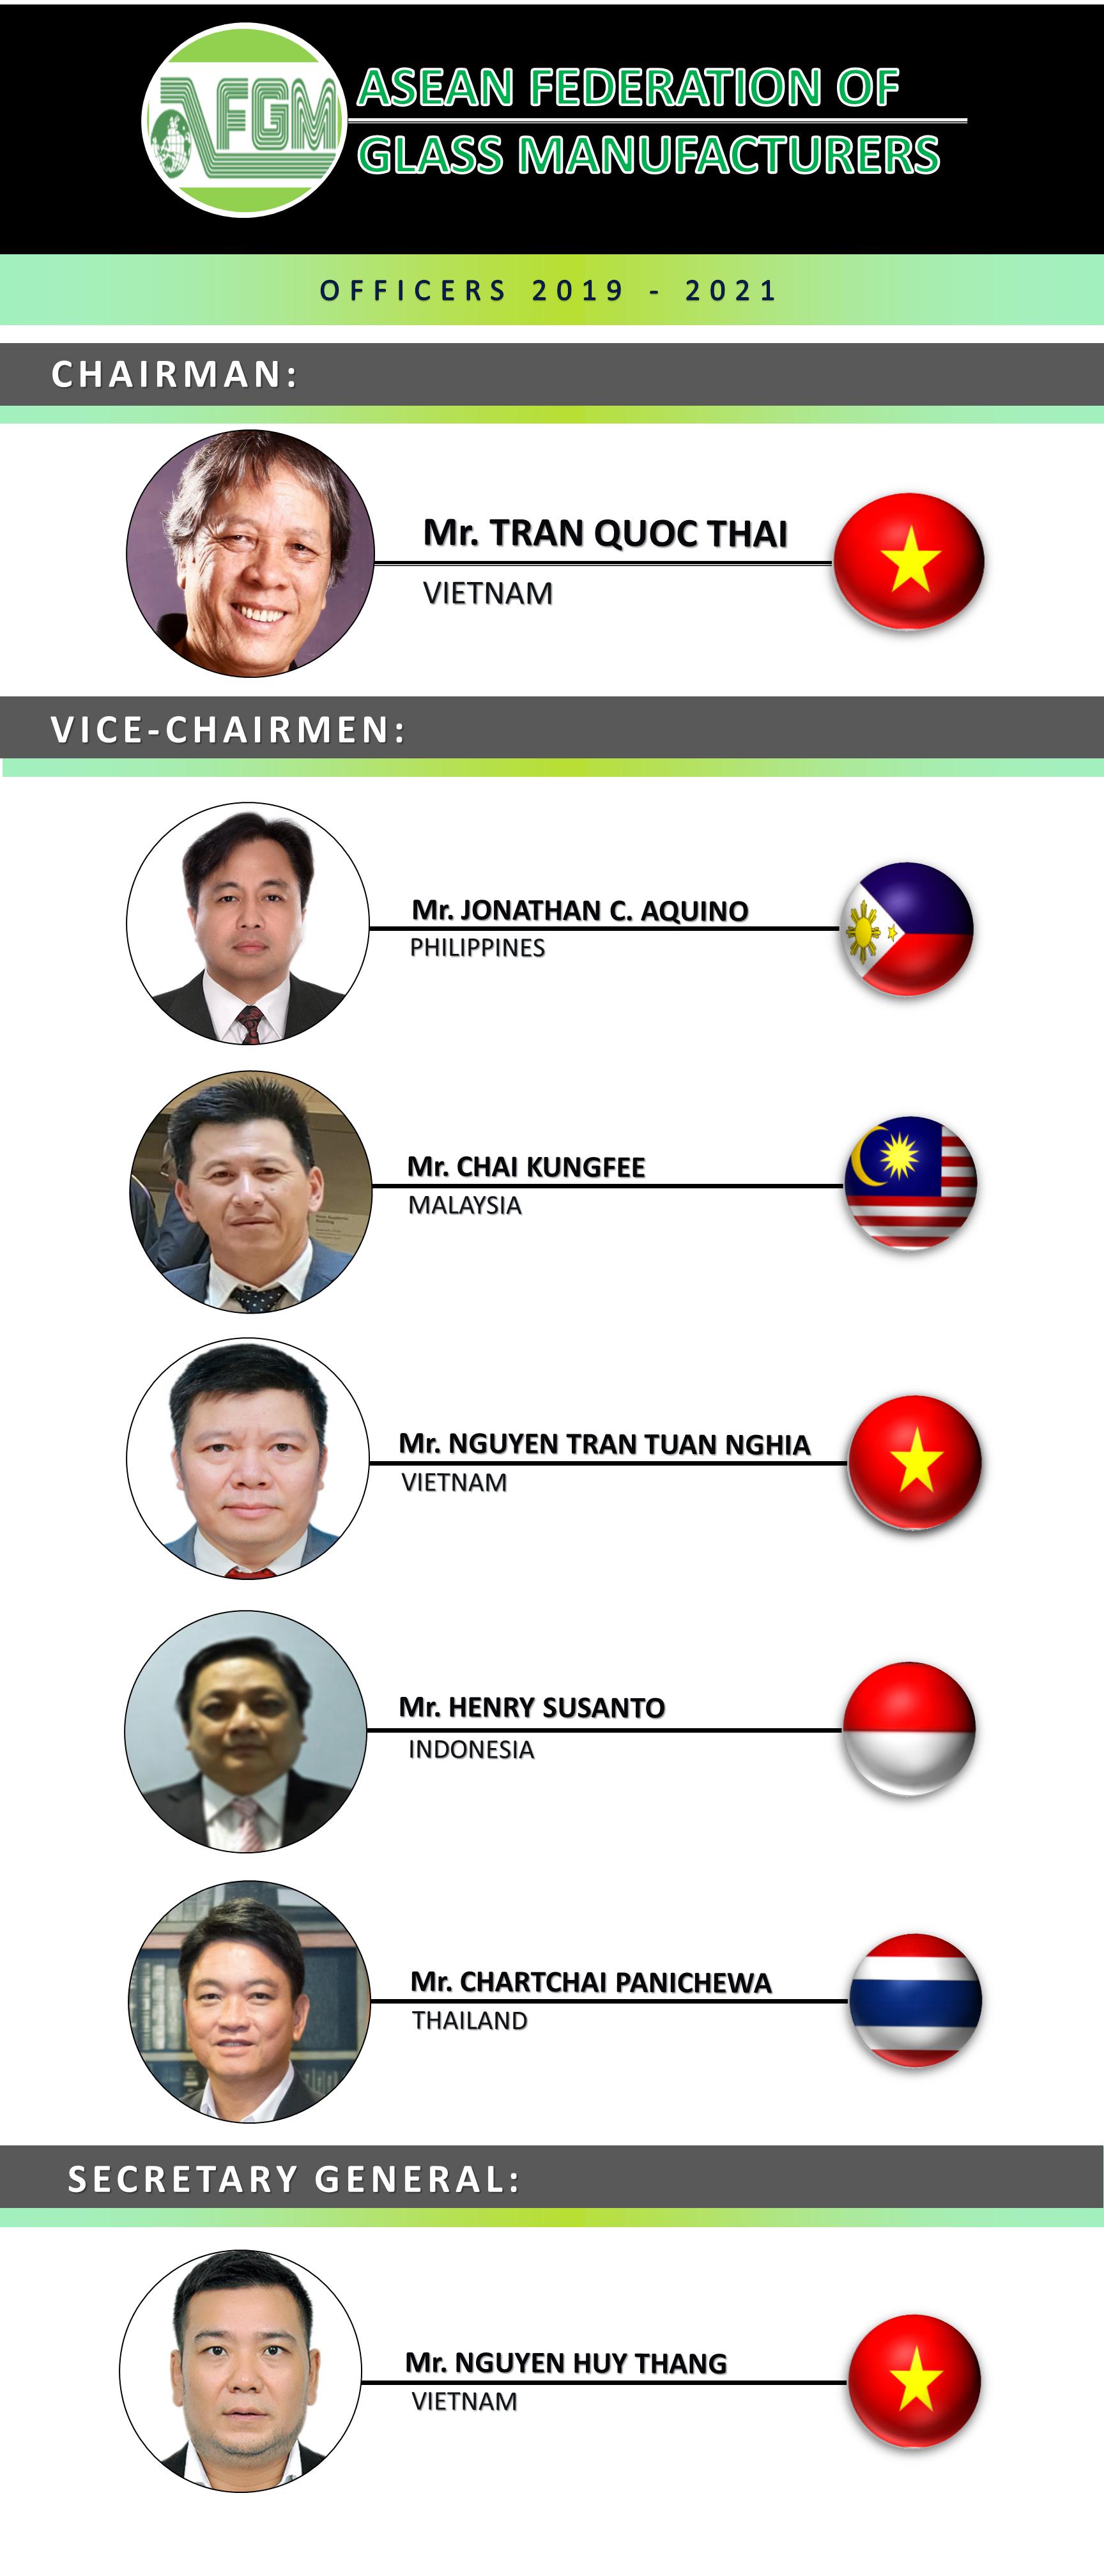 AFGM Officers 2019 - 10162020